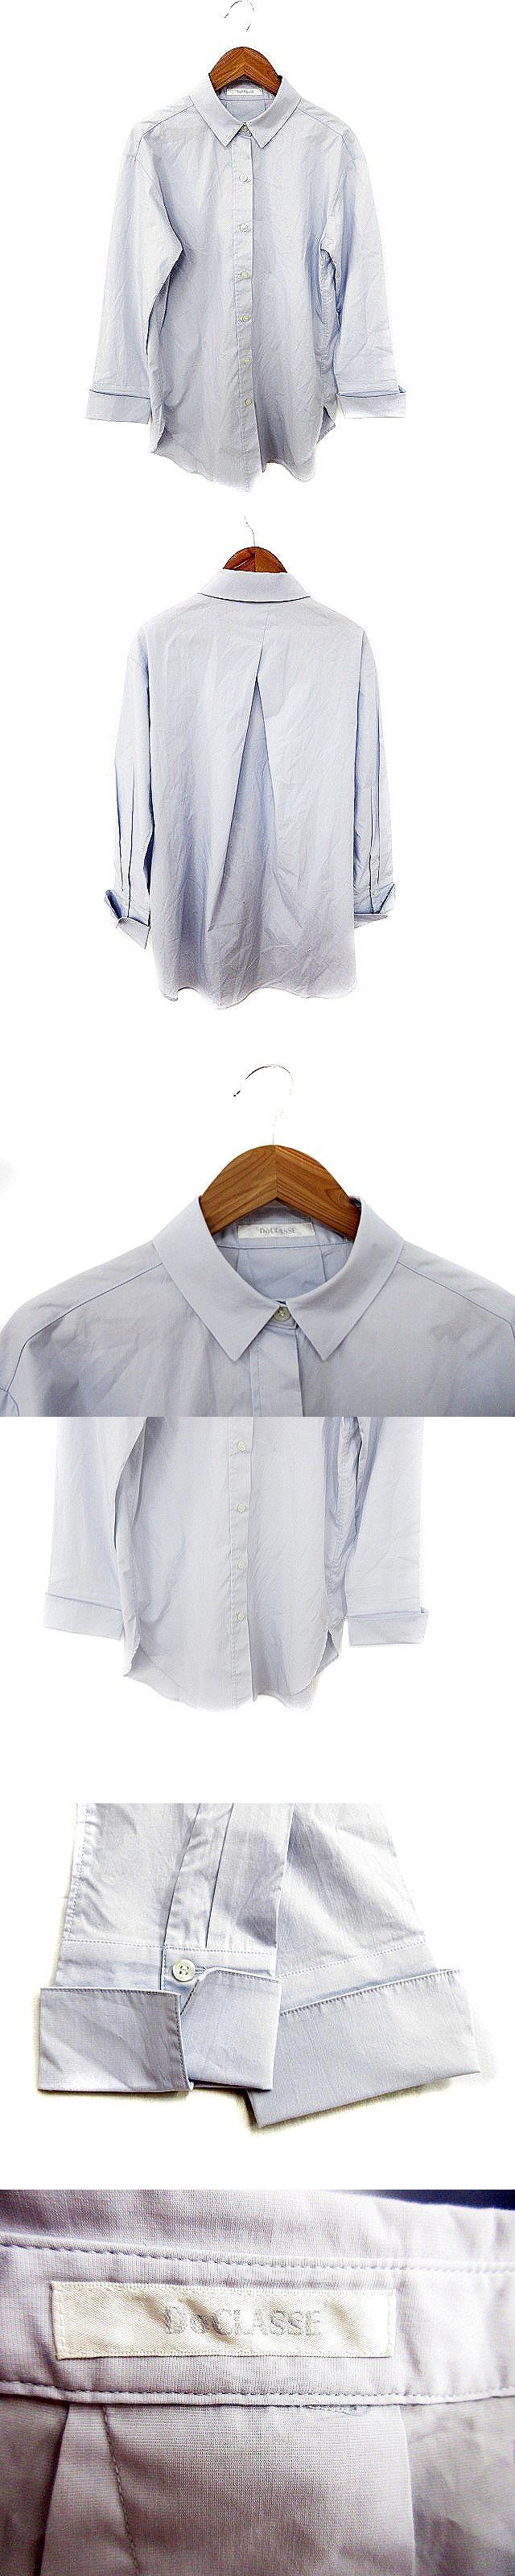 シャツ 長袖 5 青 ブルー /AKK1